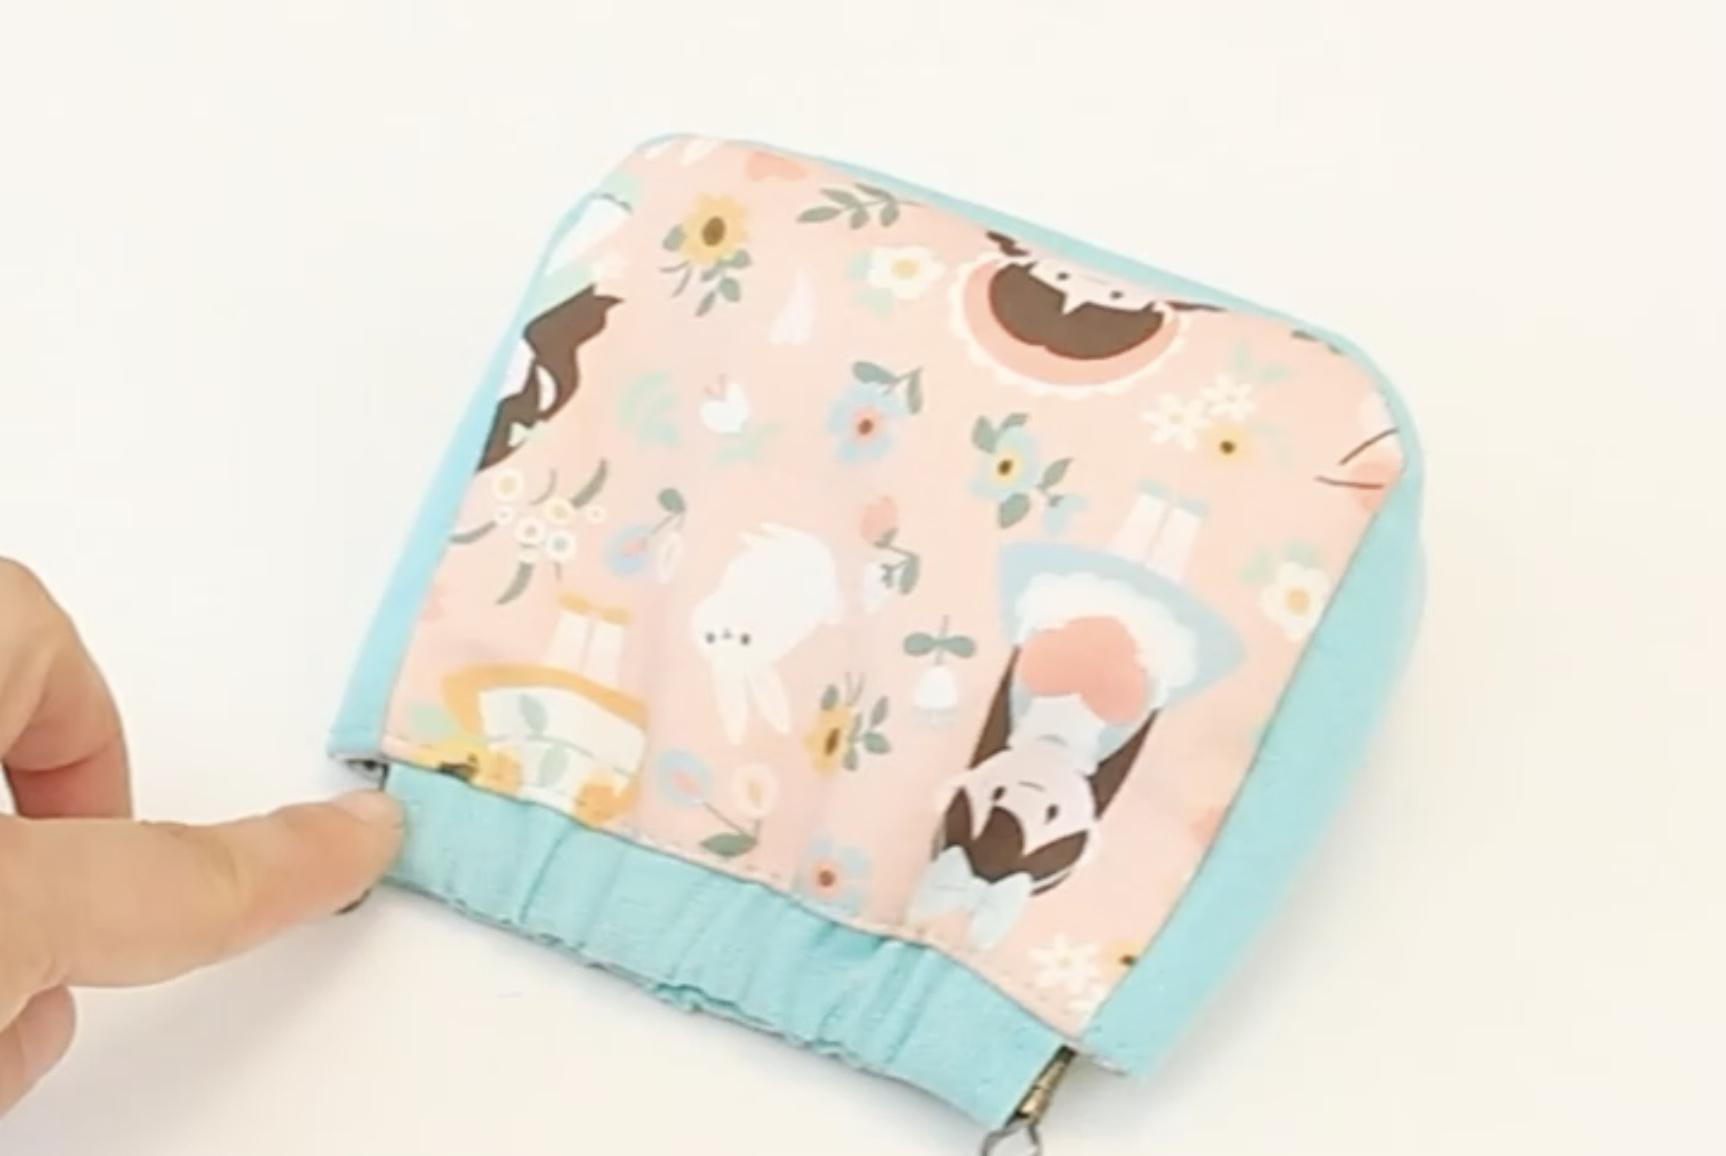 DIY布艺缝纫小视频:小巧美观的化妆袋/口金包制作过程